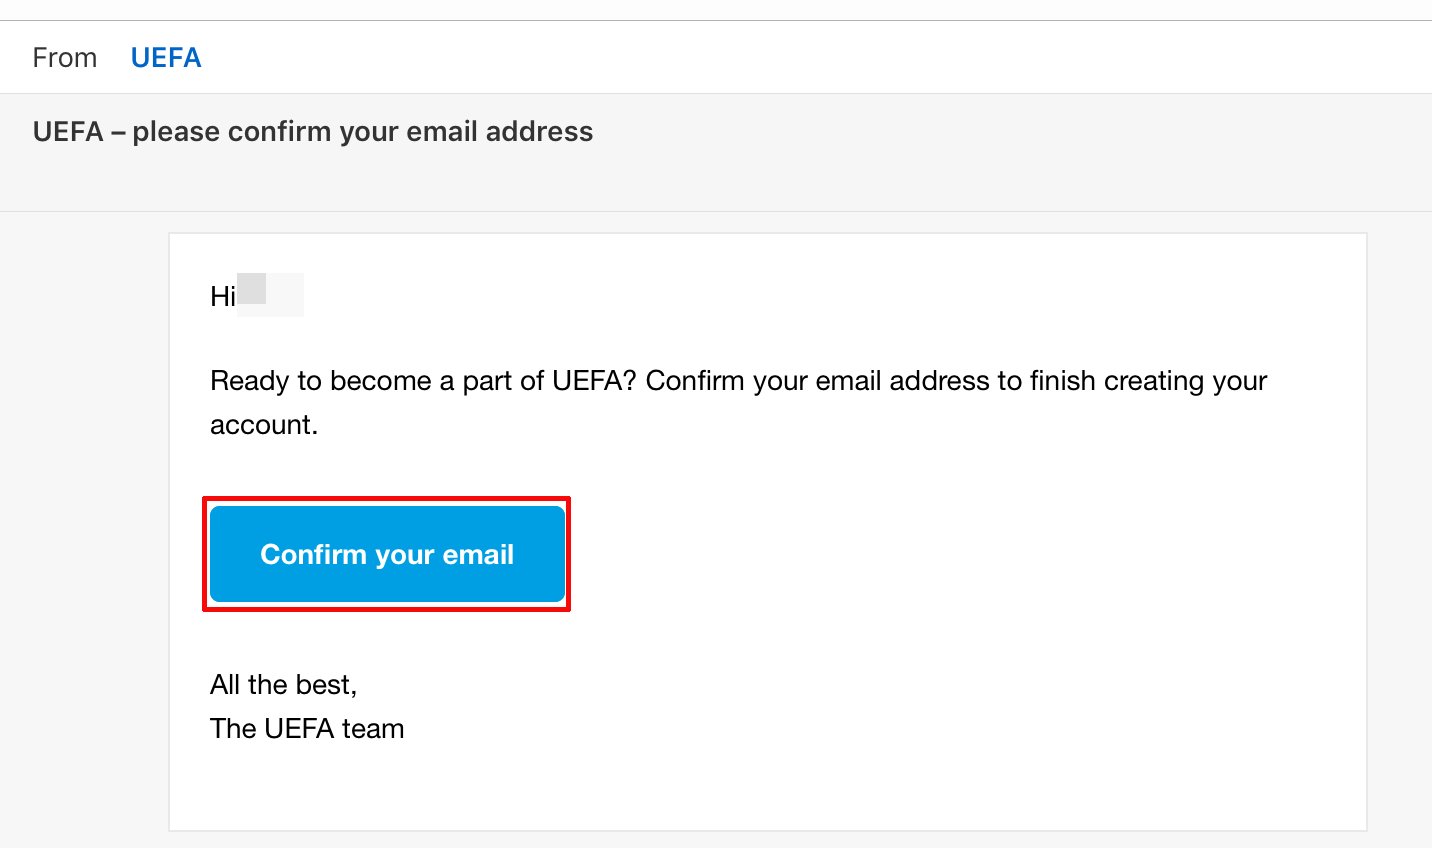 登録したメールアドレスに届いたメールを開いてその中にある【Confirm your email】をタップします。